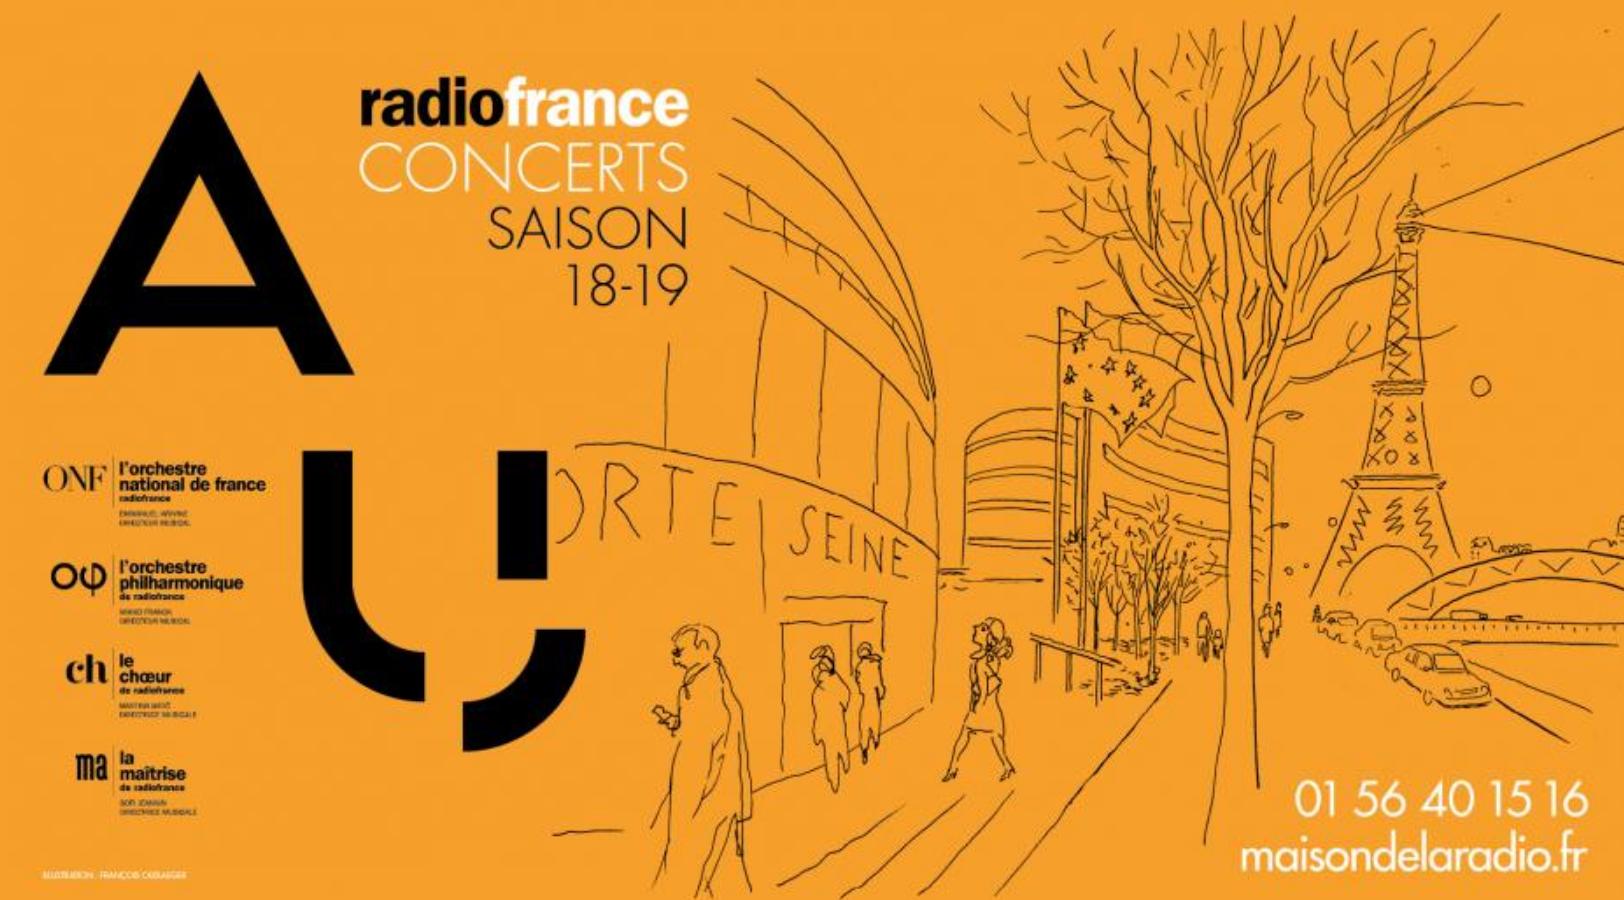 Concerts à Radio France : une croissance du nombre d'abonnés de 91% en 4 ans